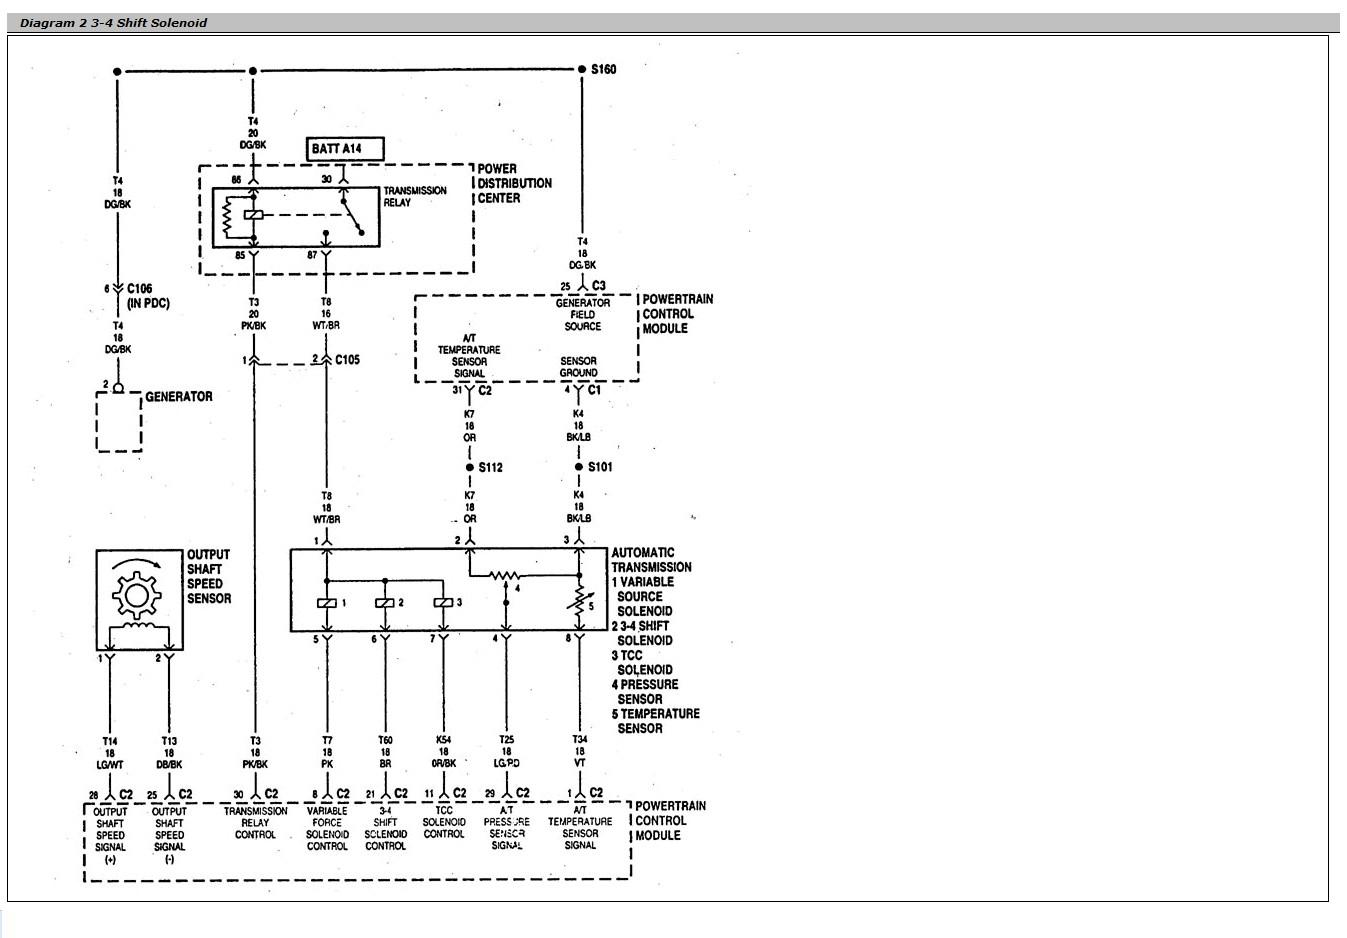 mitsubishi transmission solenoid wiring diagram wiring library rh 47 yoobi de Fisher Plow Wiring Diagram 3 Post Solenoid Wiring Diagram